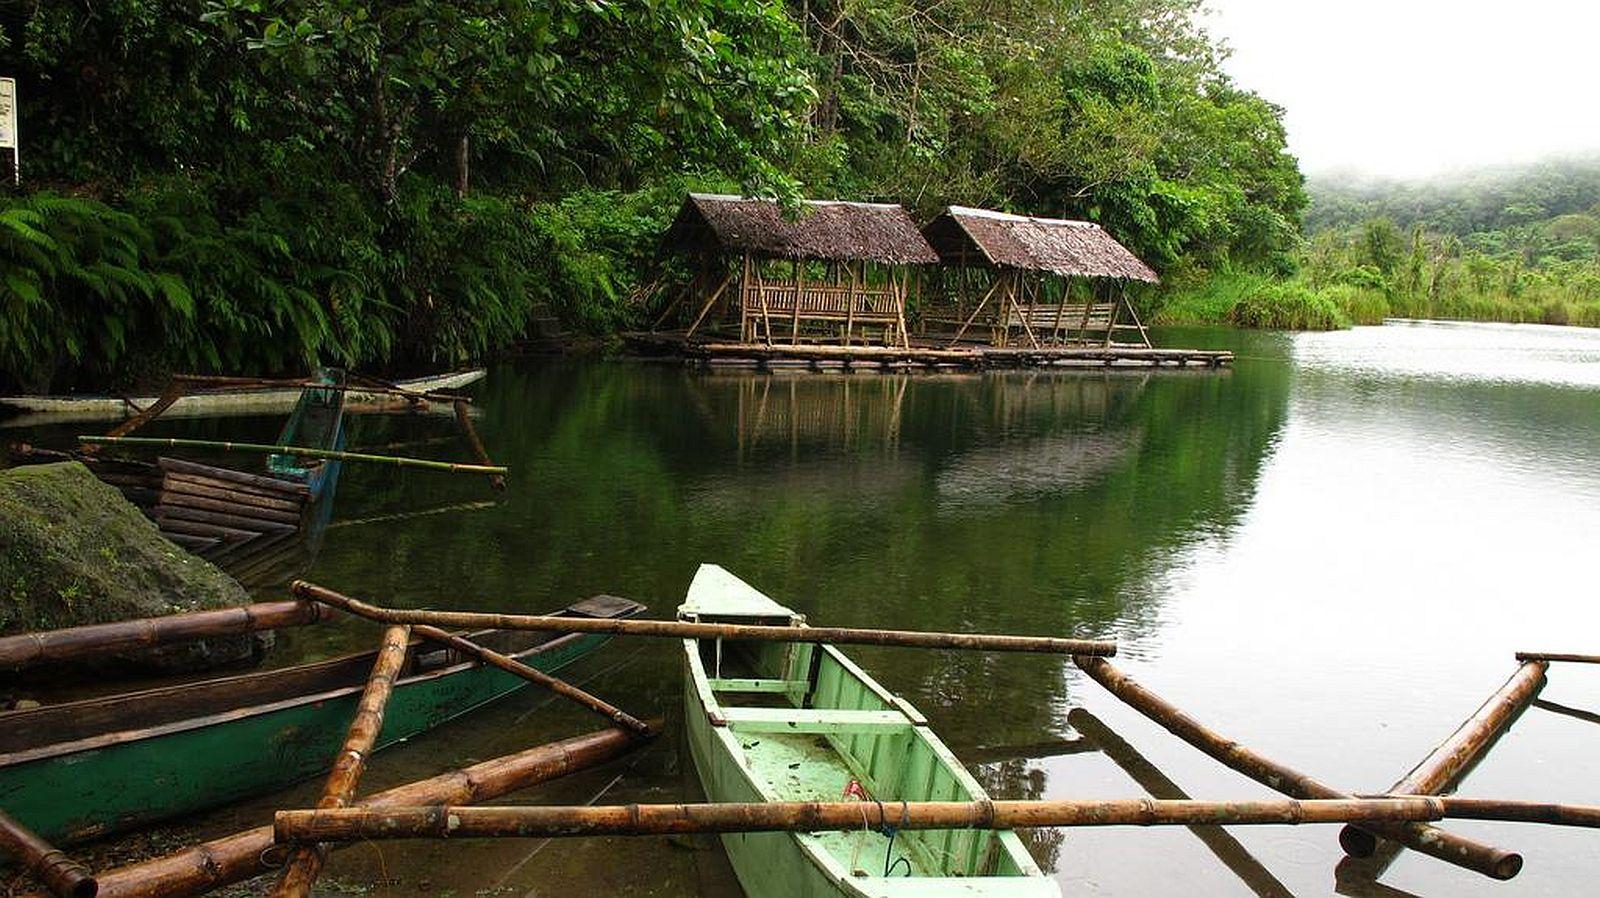 PHILIPPINEN REISEN - SEEN